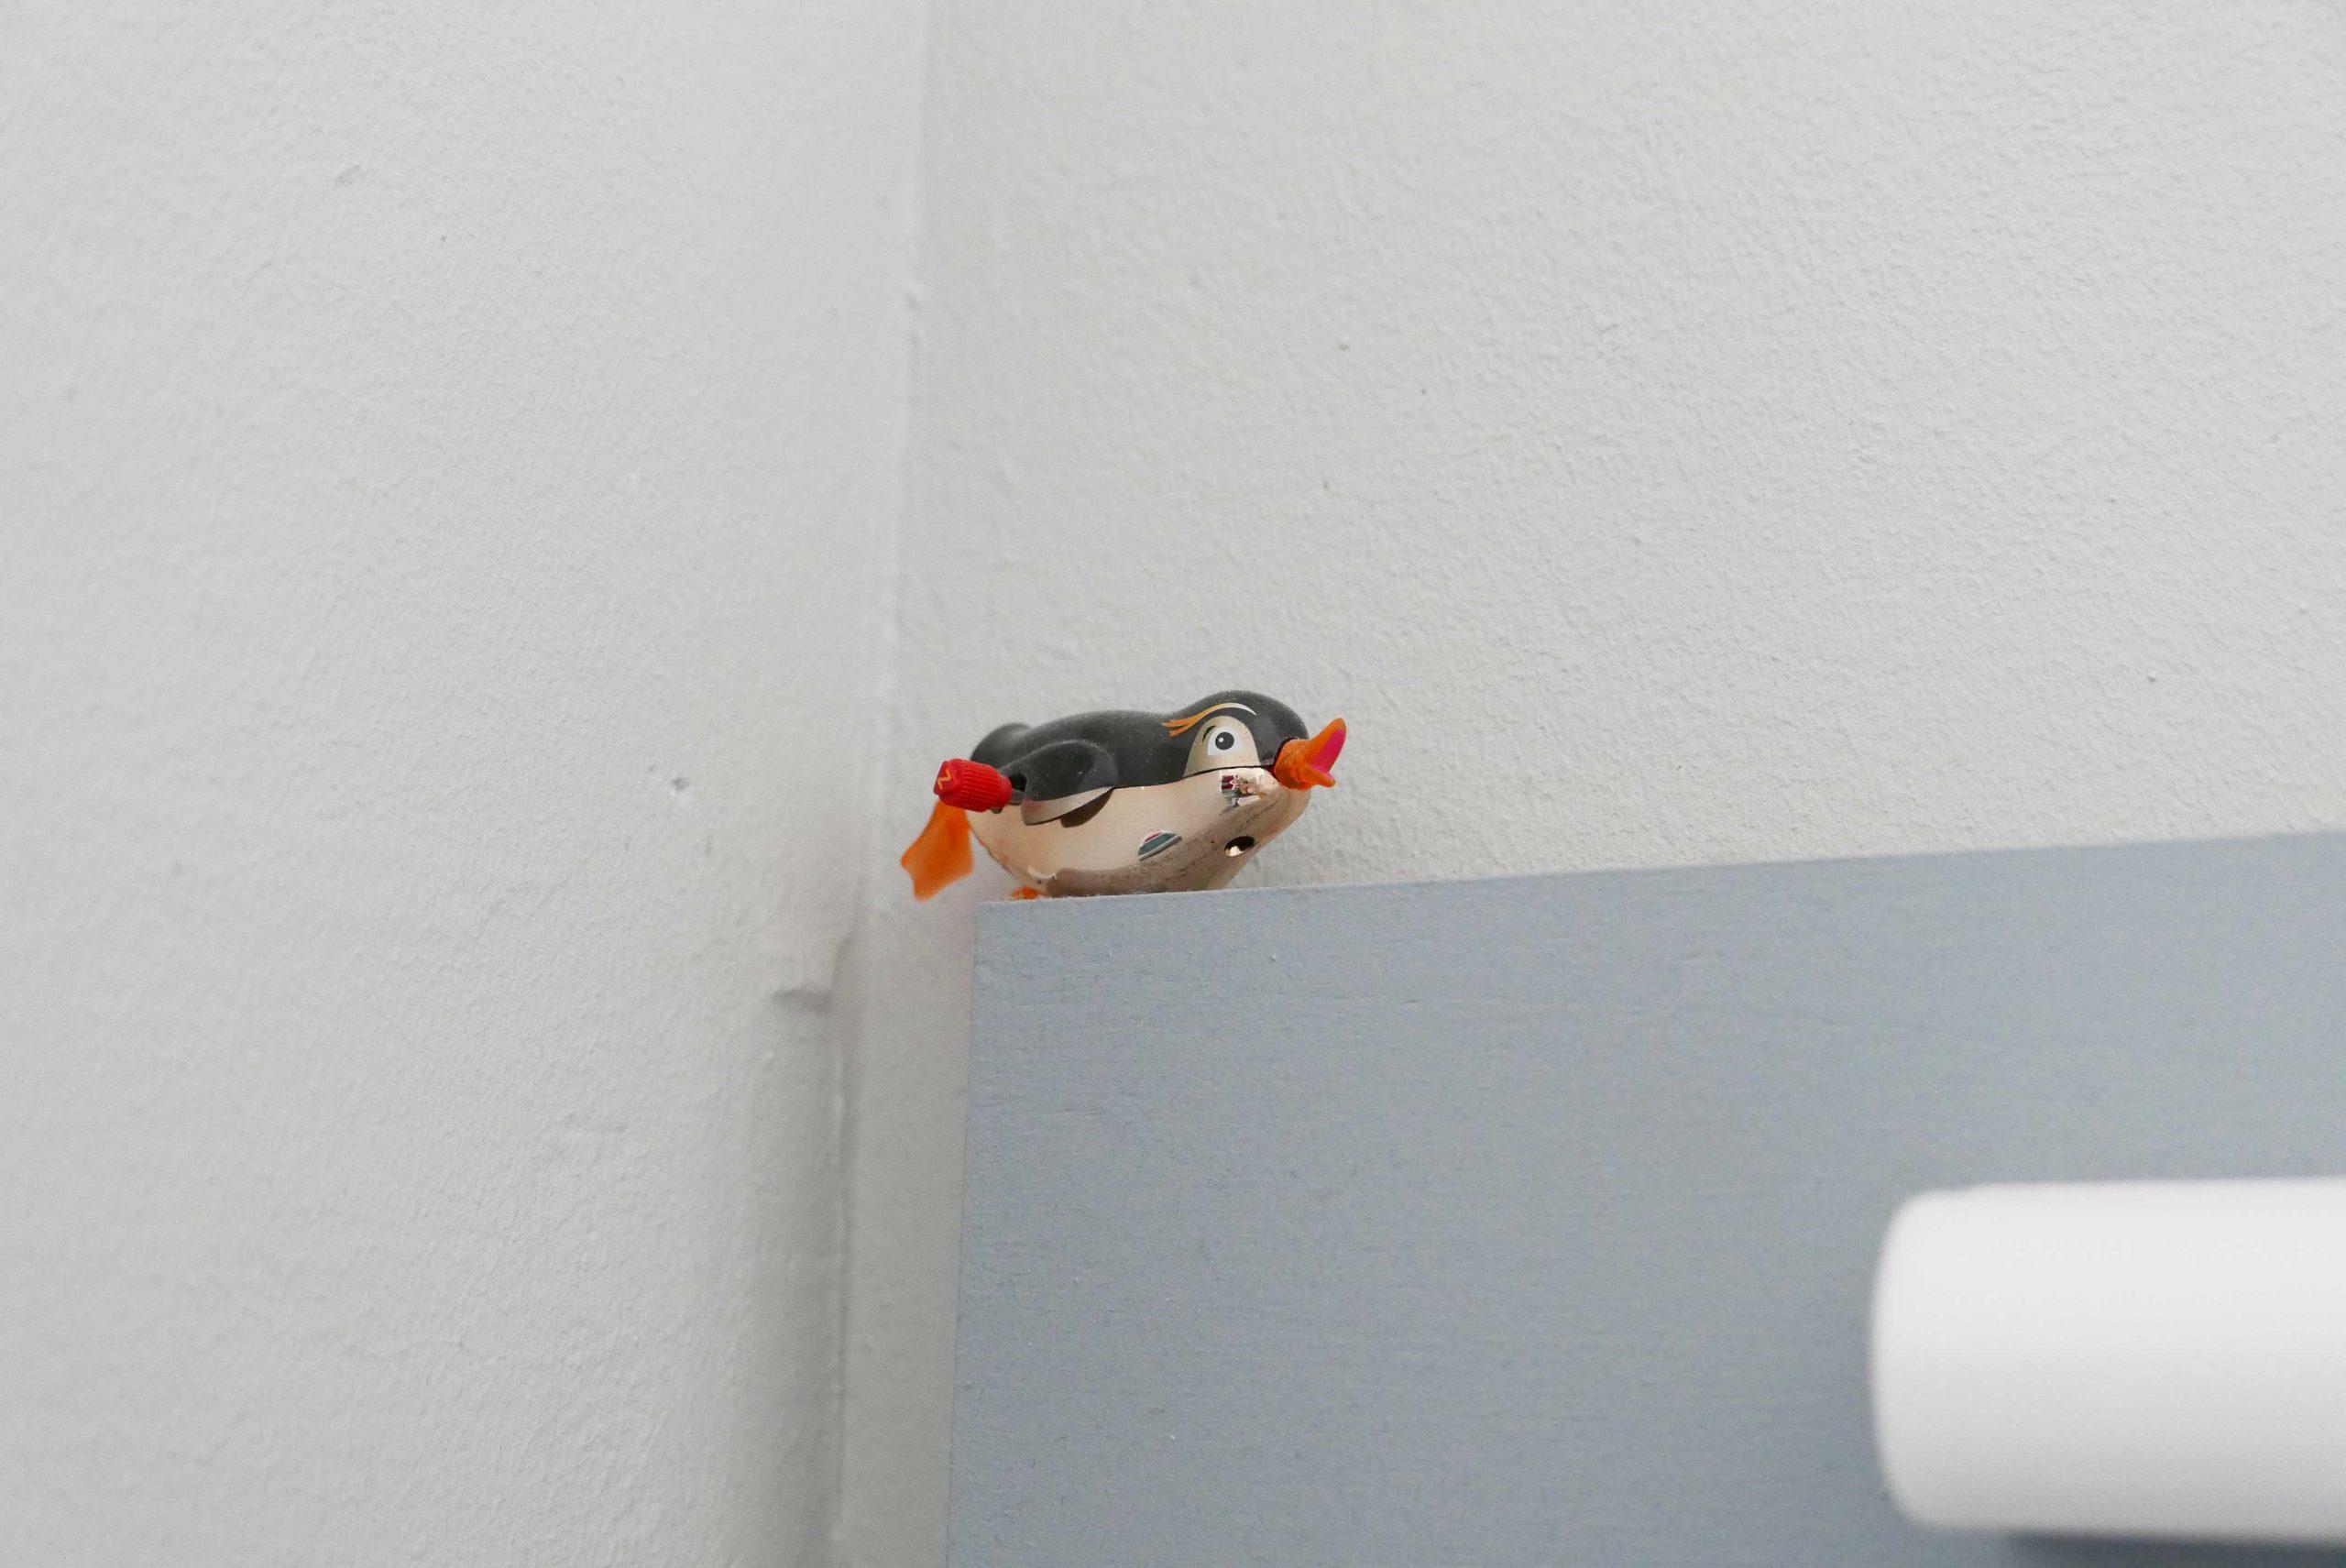 Plastikpinguin zum Aufziehen im Badezimmer